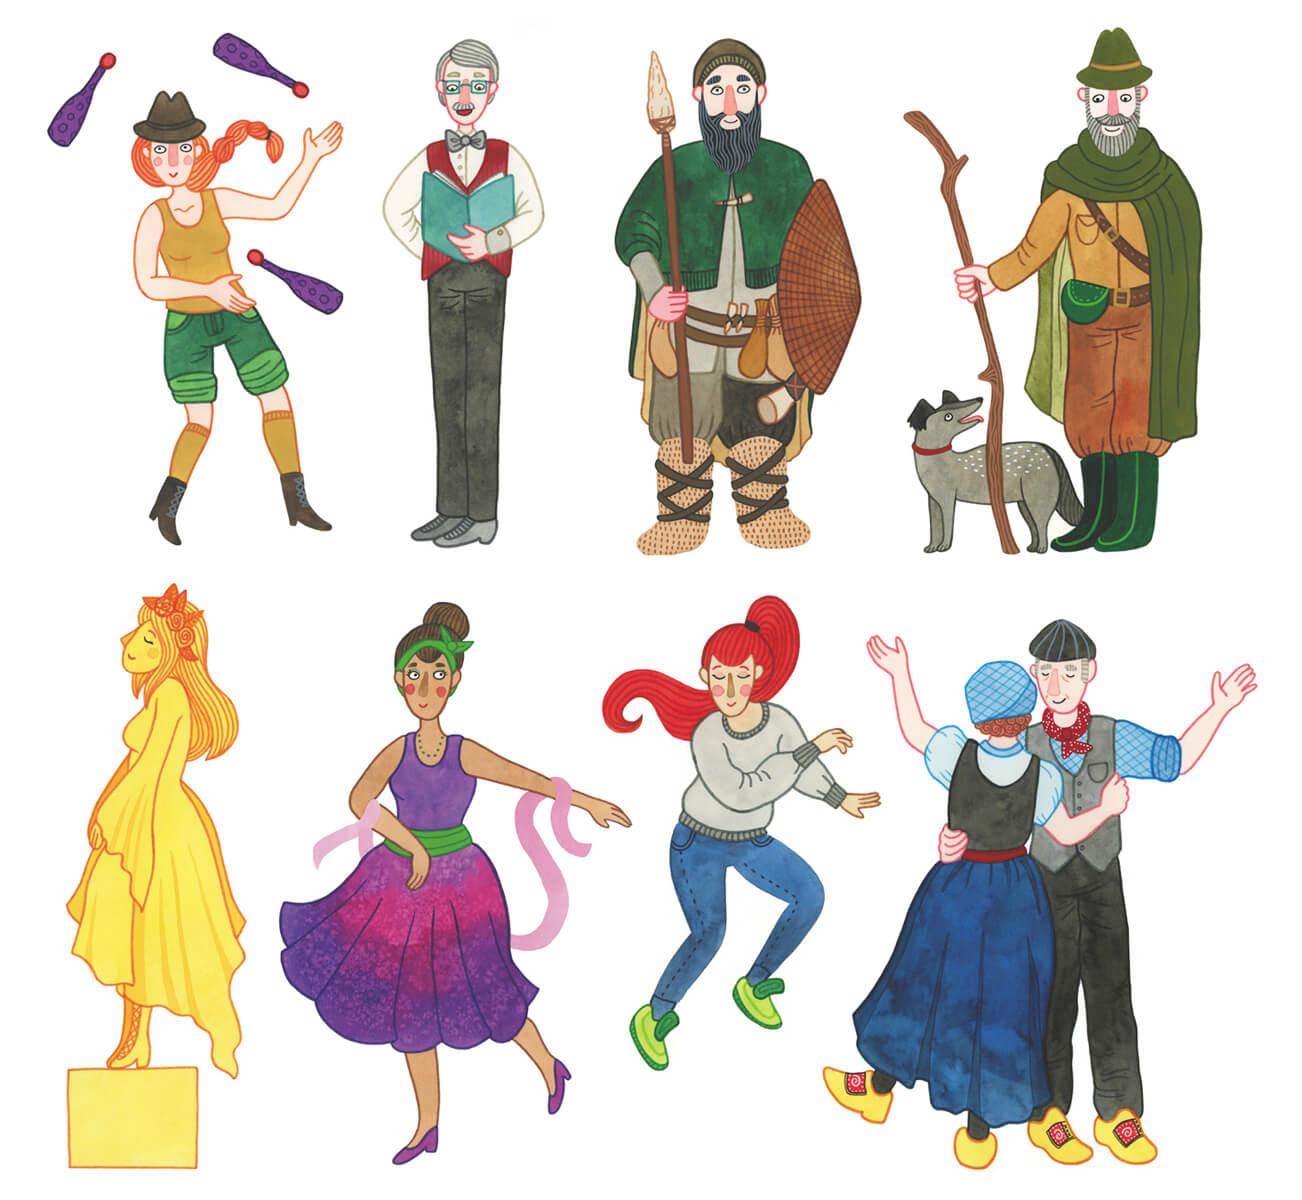 Sanne Bruinsma Illustraties & Vormgeving Drentse Uitmaand campagne K&C Assen 2015 illustraties cultuur evenement kunst zanger danser herder jongleur